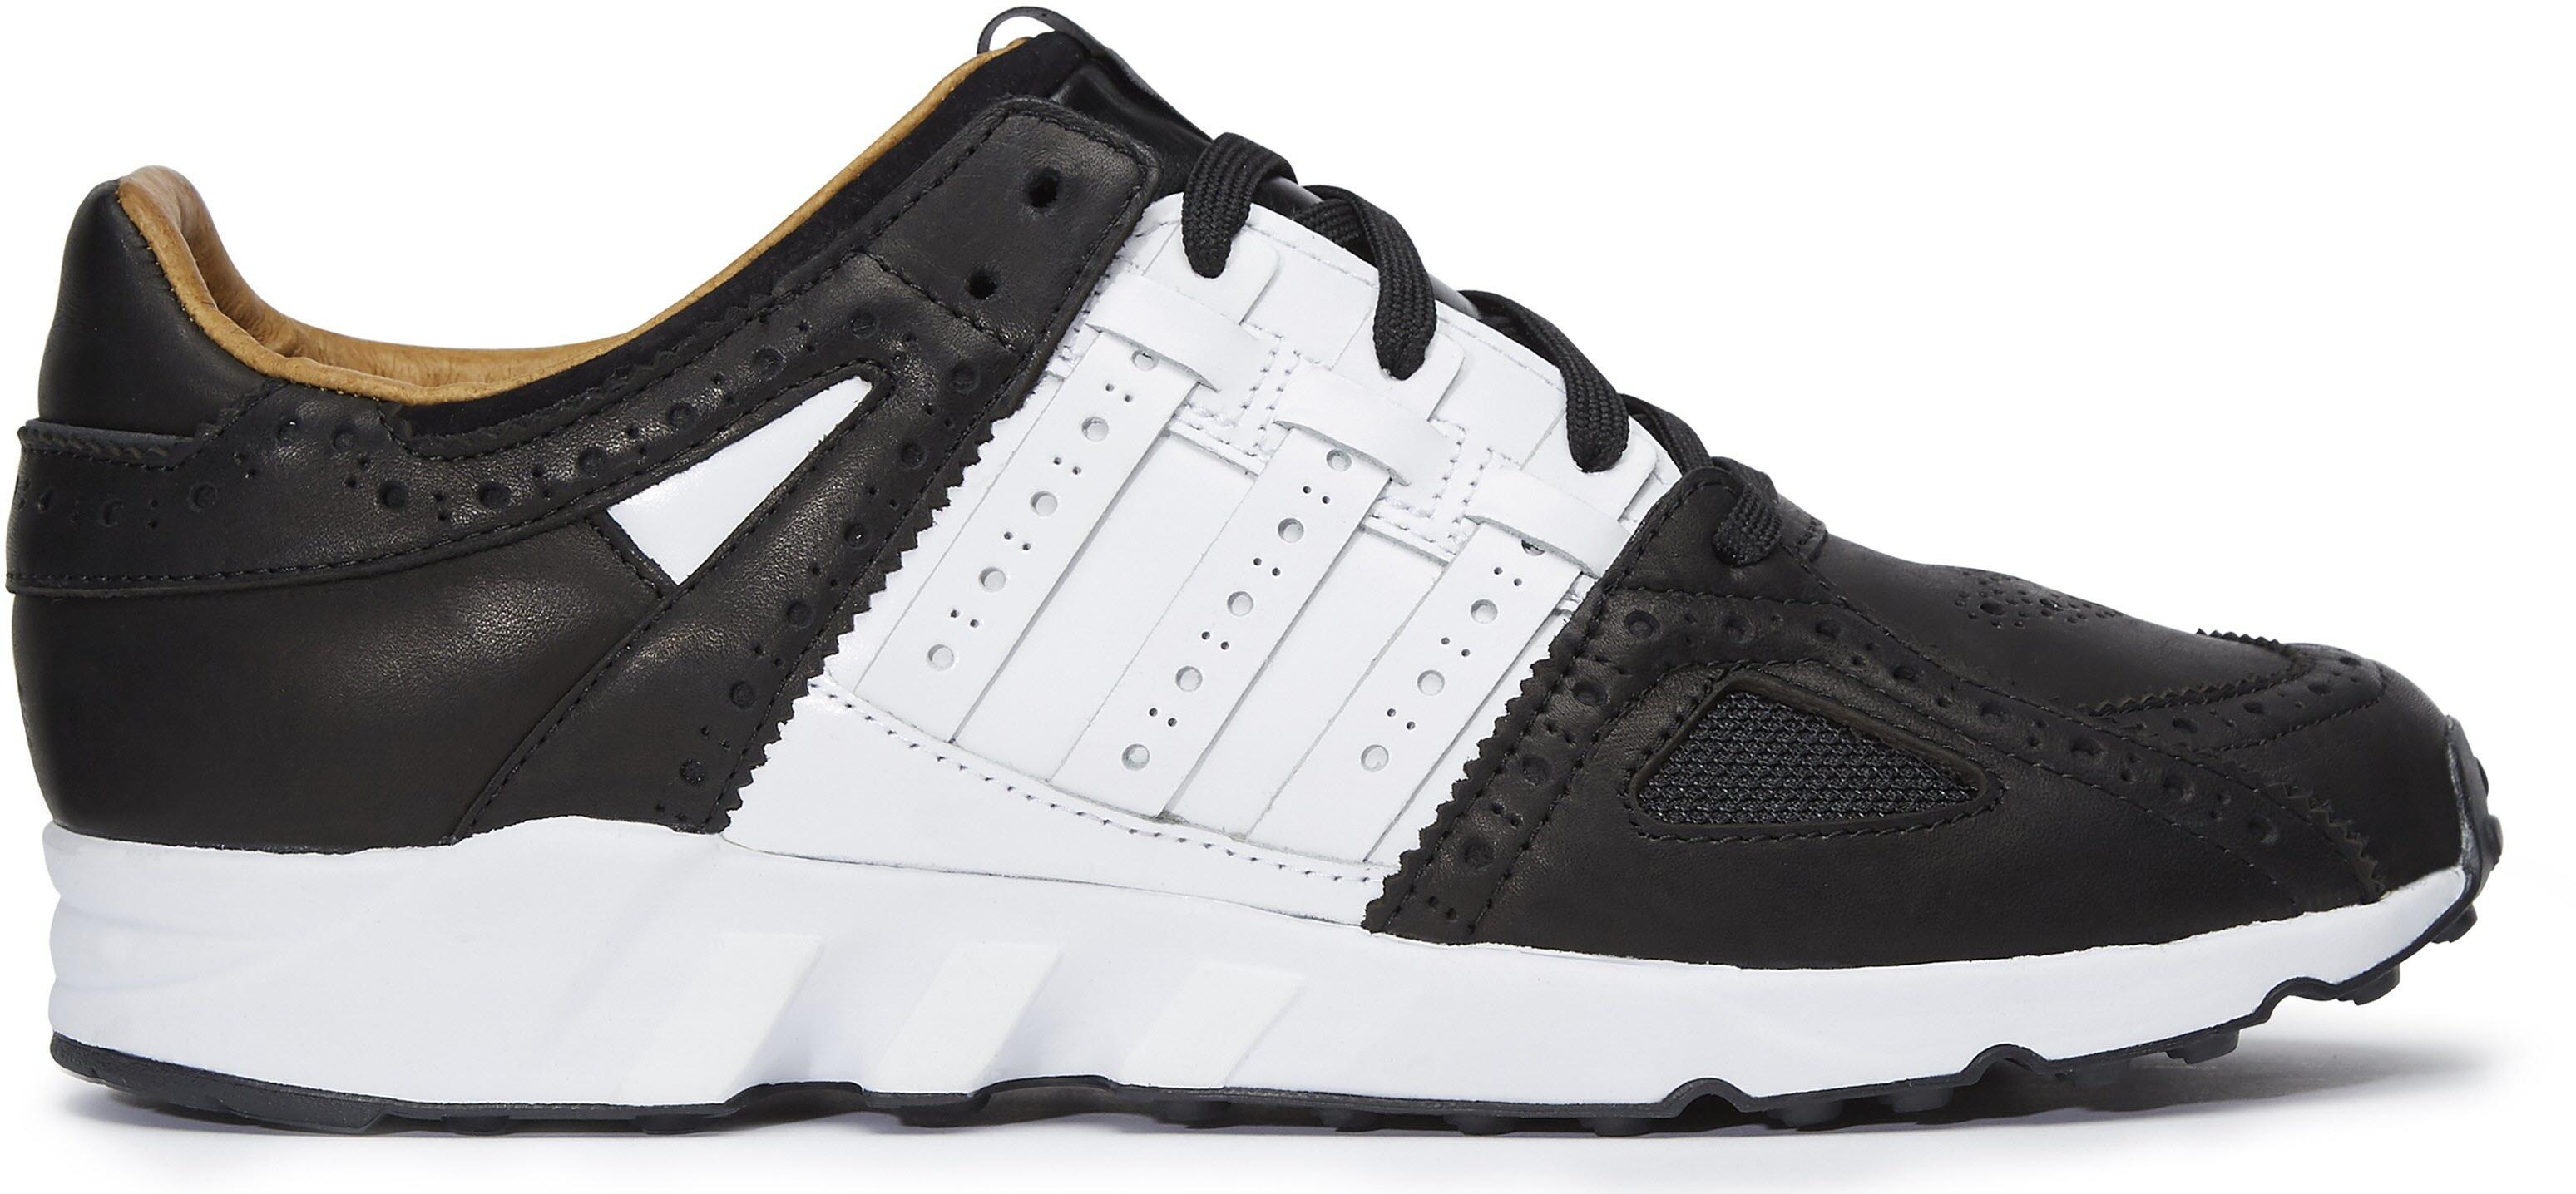 adidas eqt guidance 93 white